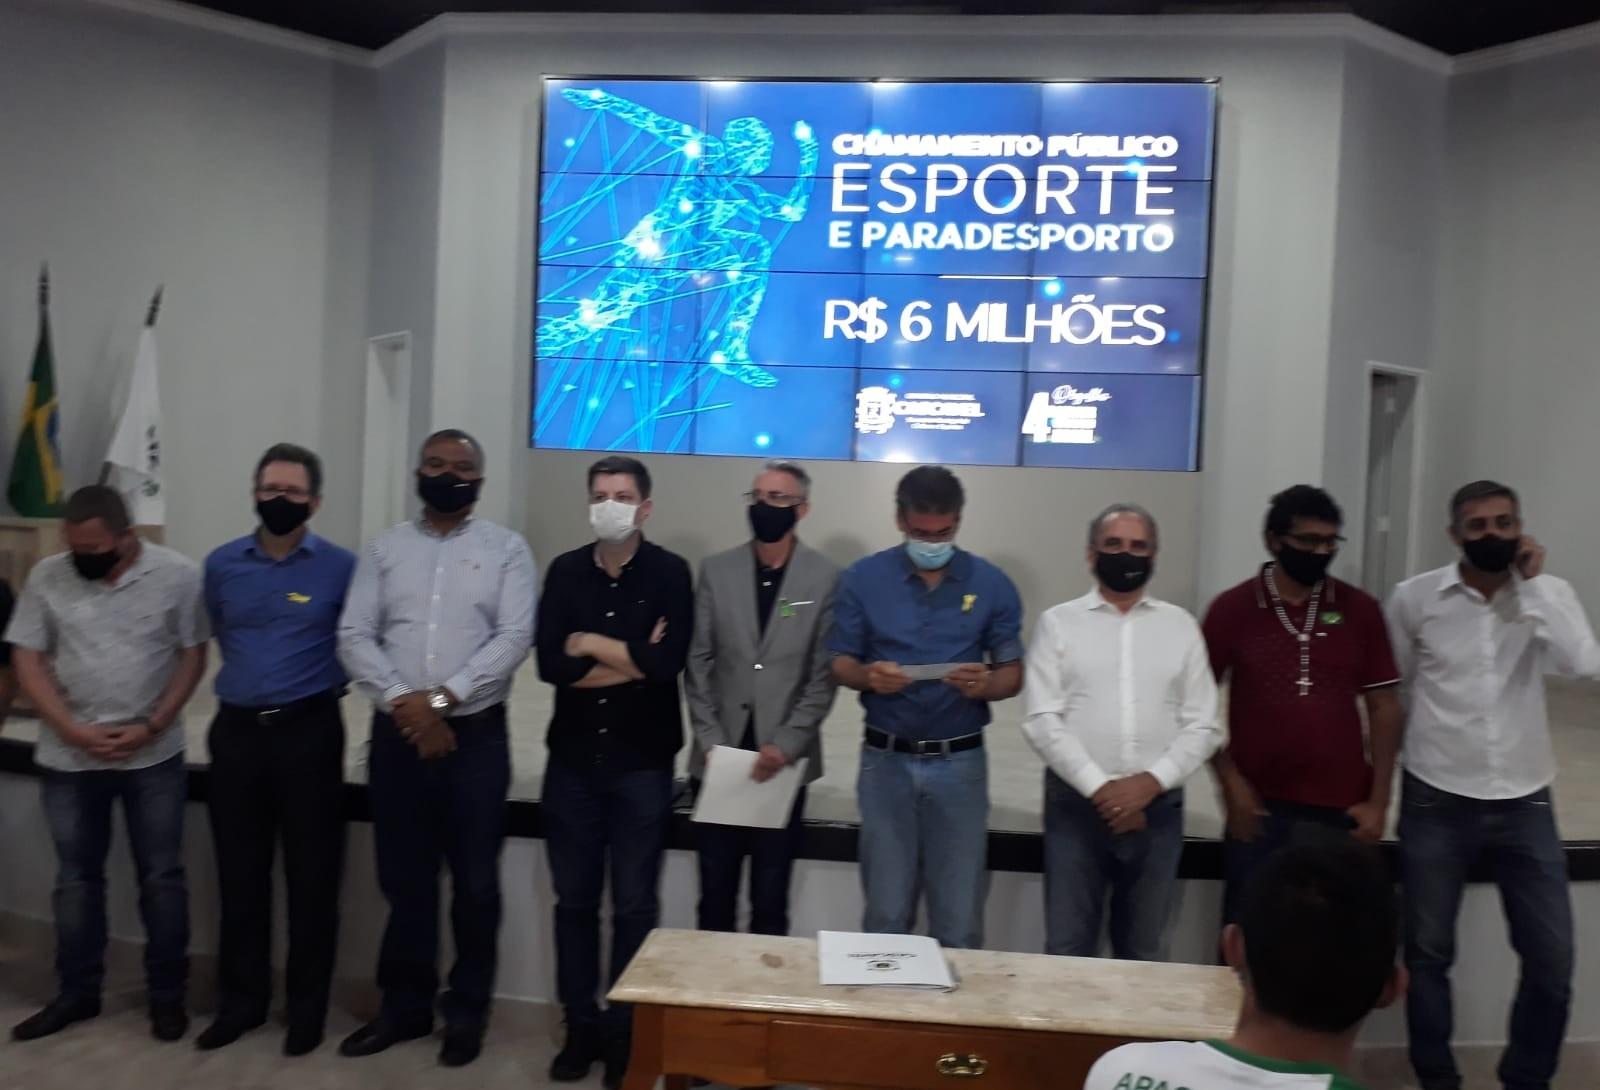 Prefeito  homologa chamamento público de R$ 6 milhões para o esporte e paradesporto